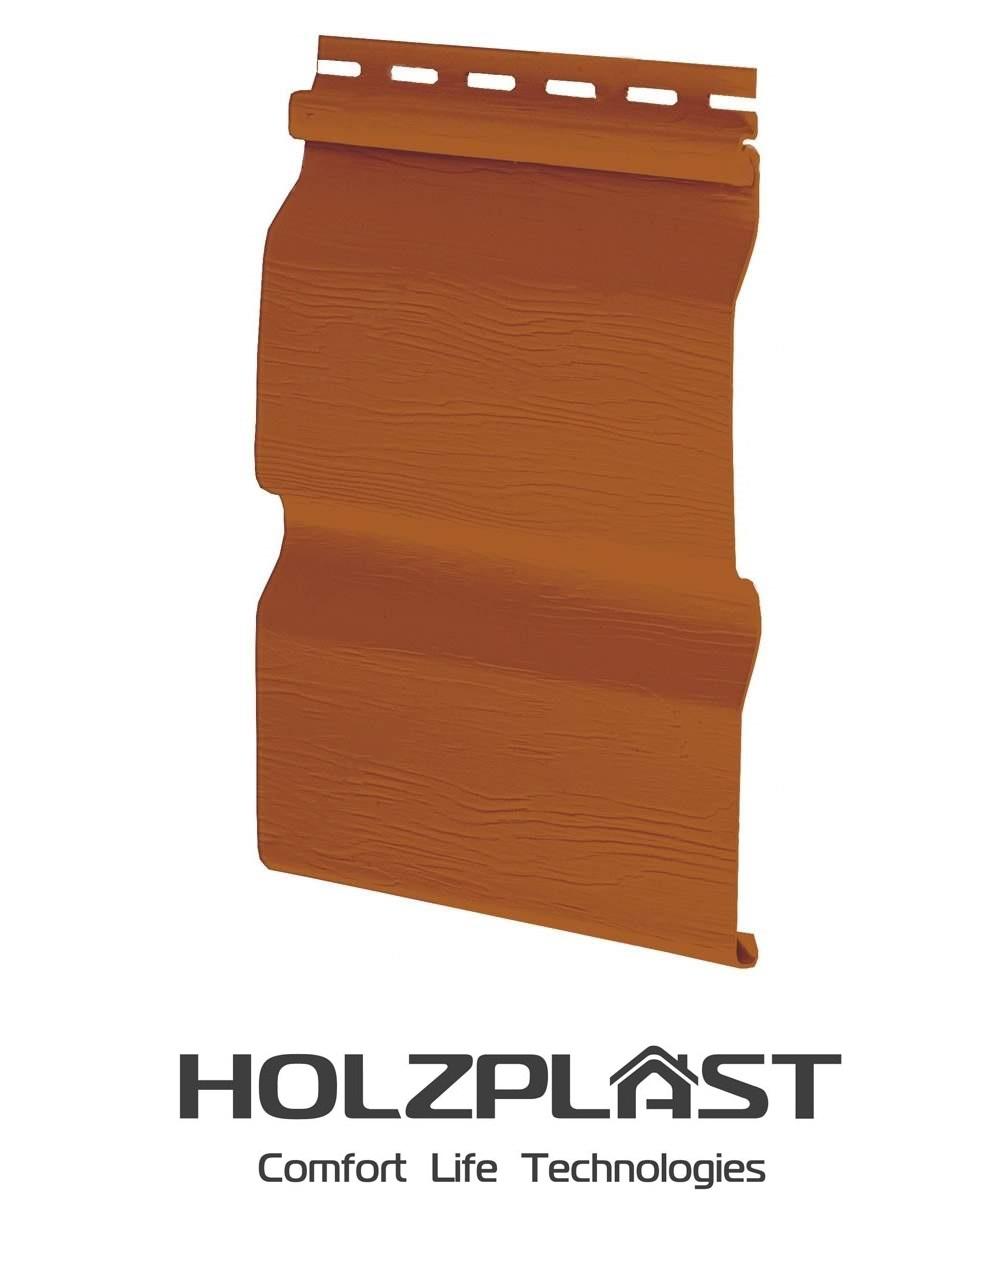 Holzplast